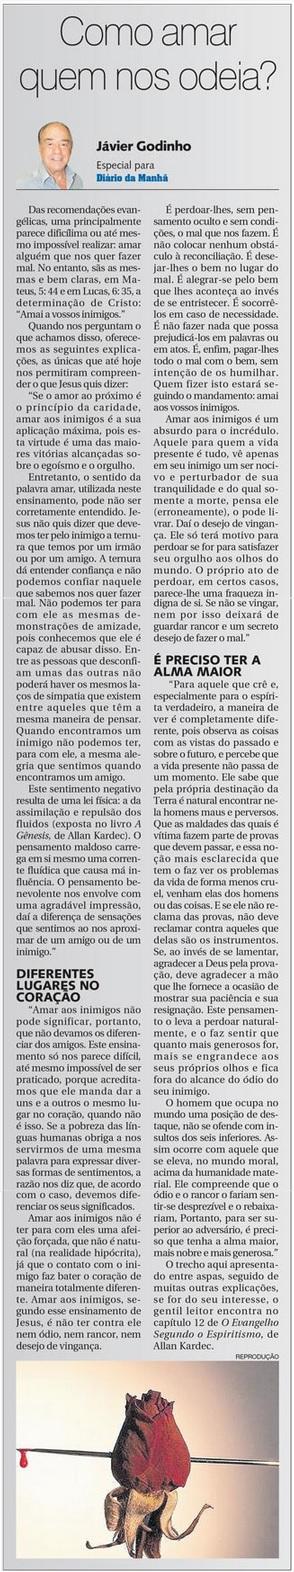 DM 29-04-2015 - Como amar quem nos odeia - Jávier Godinho